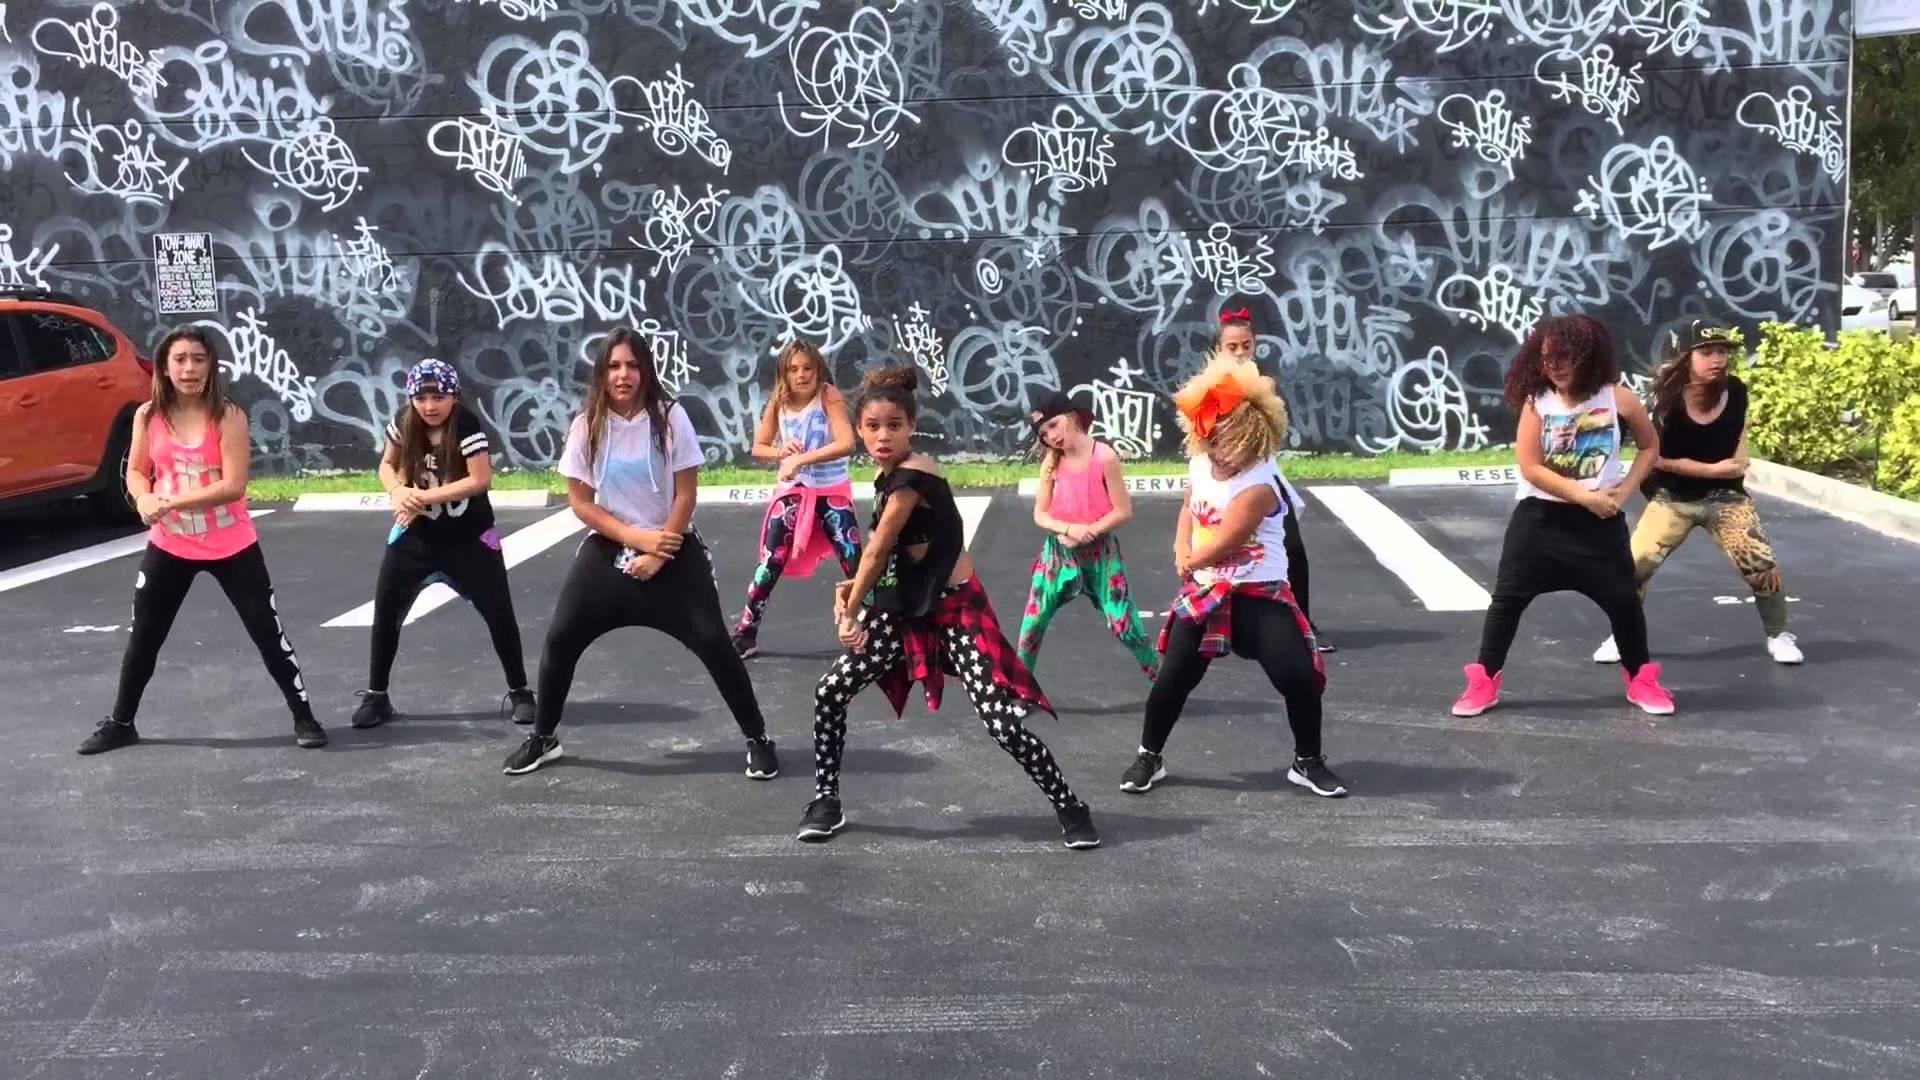 دانسهول في تيمبودانس Tempo Dance